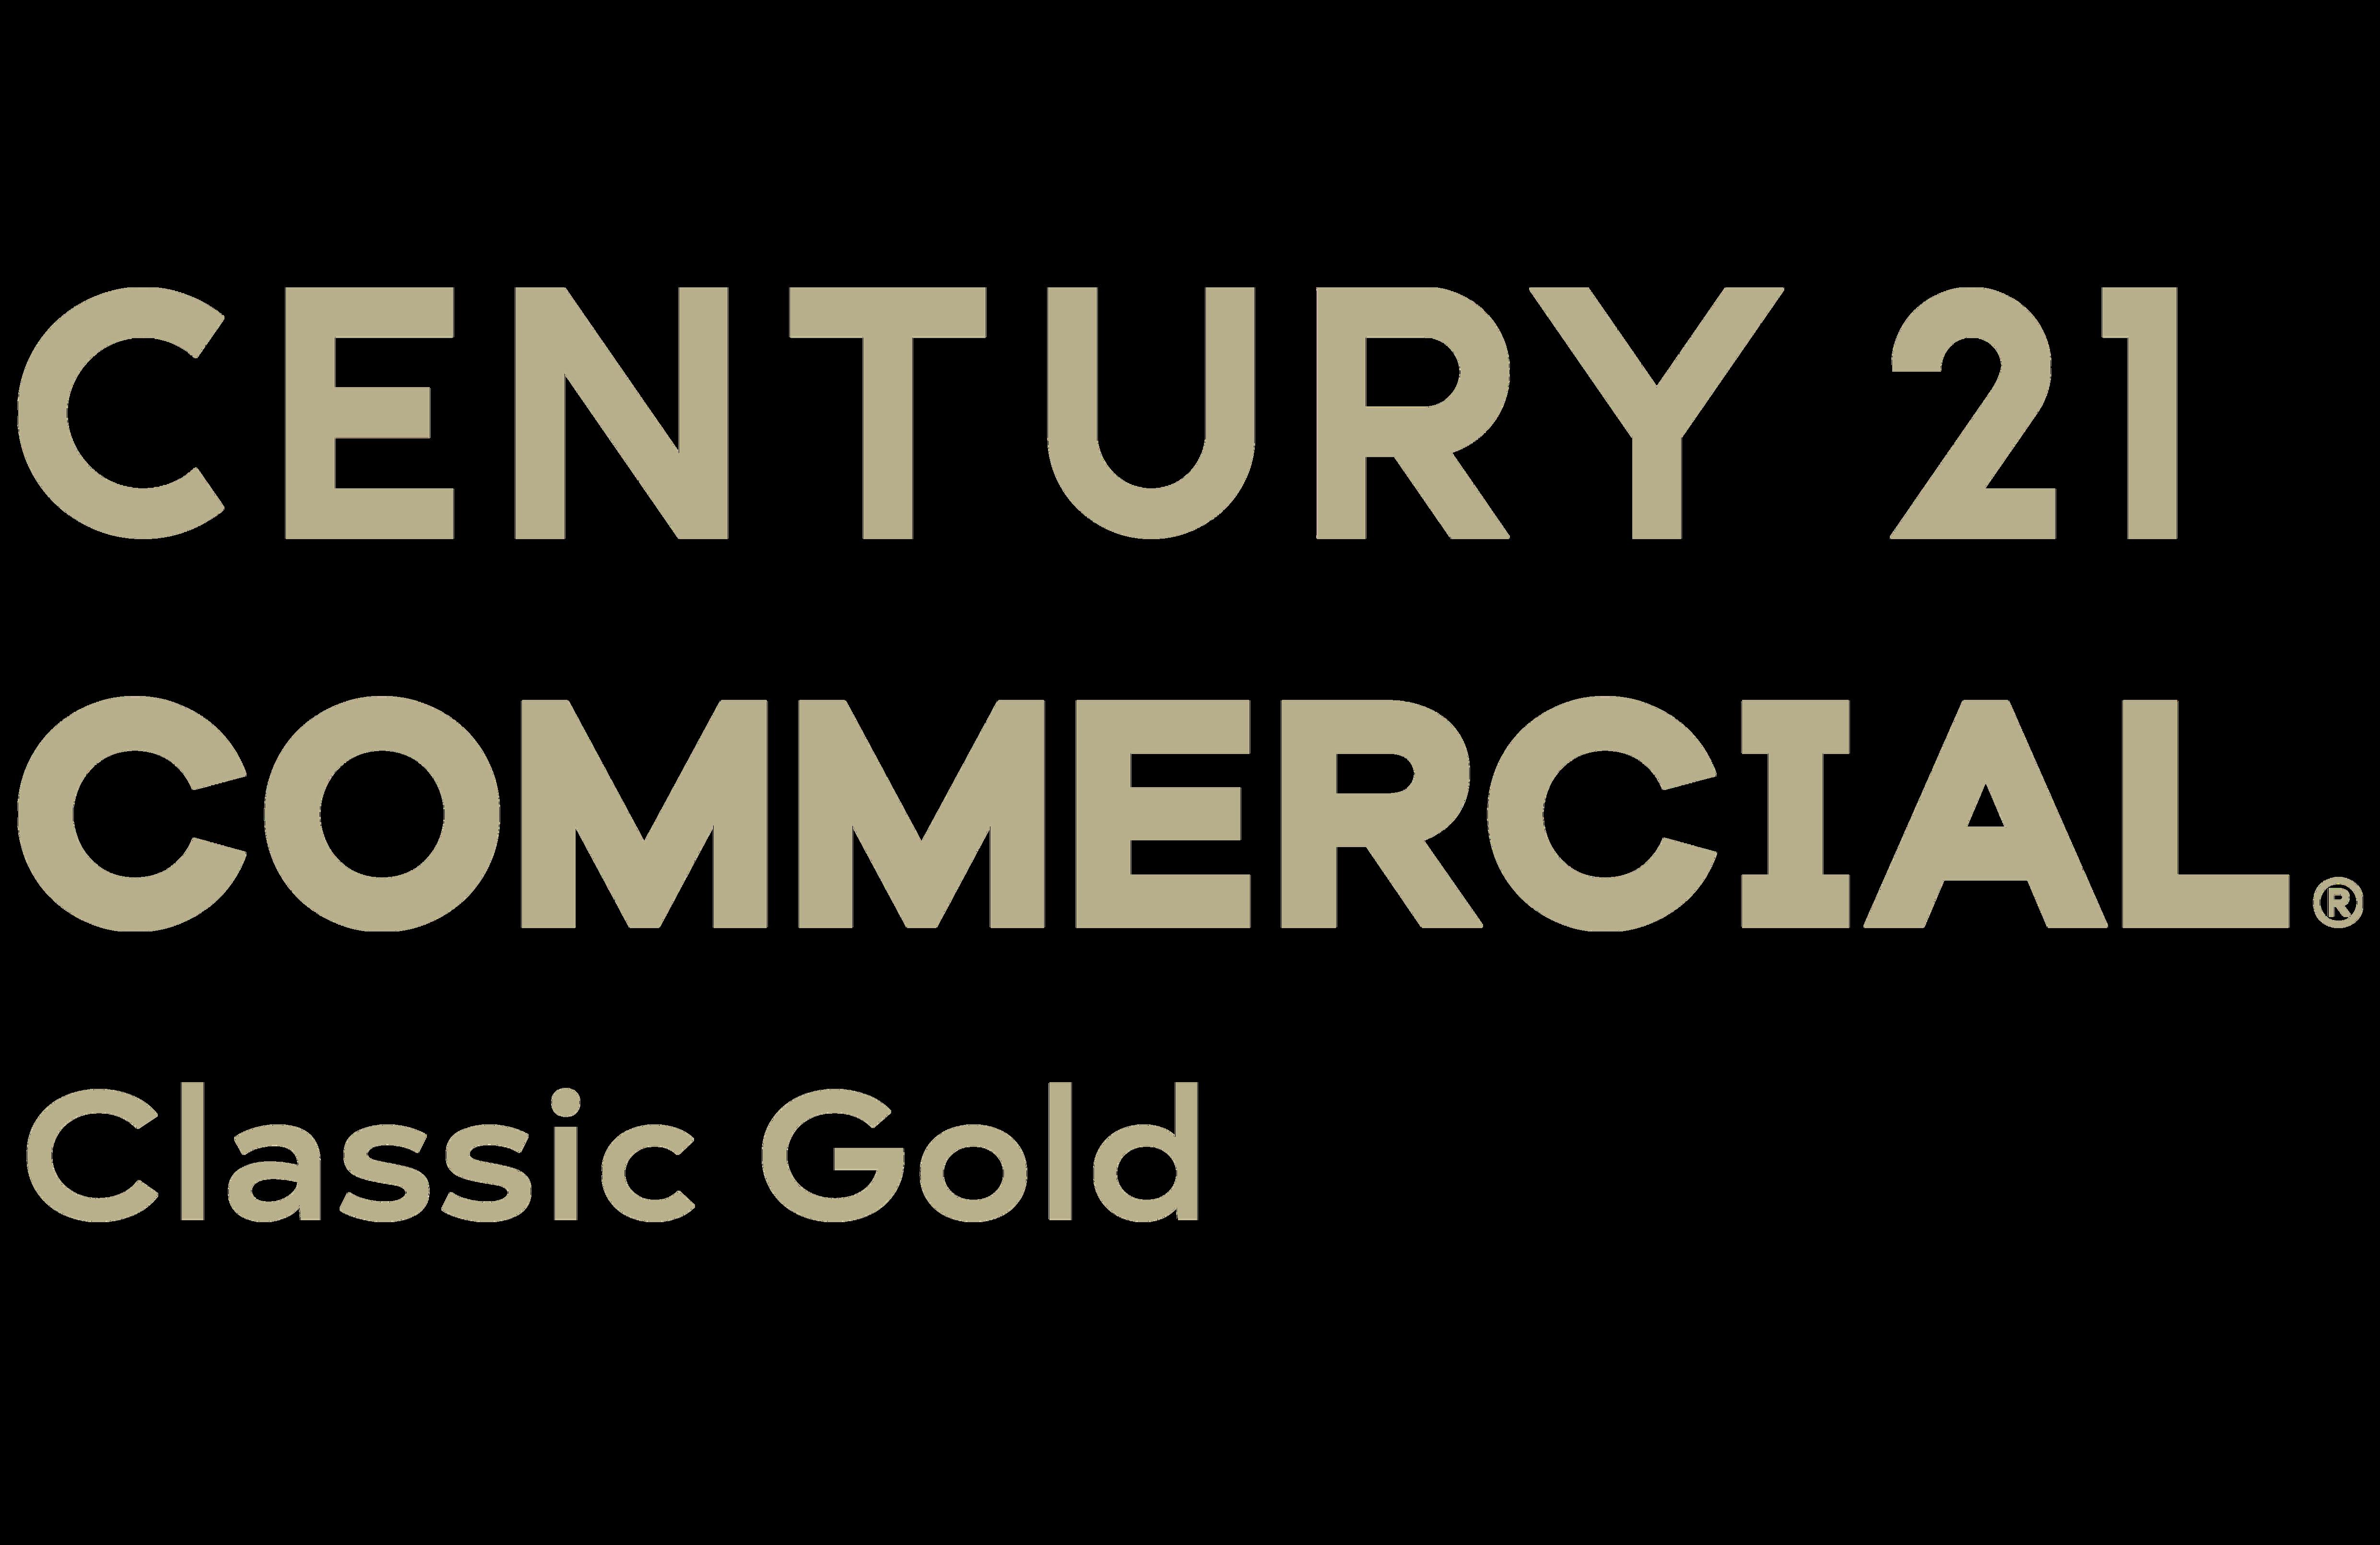 CENTURY 21 Classic Gold